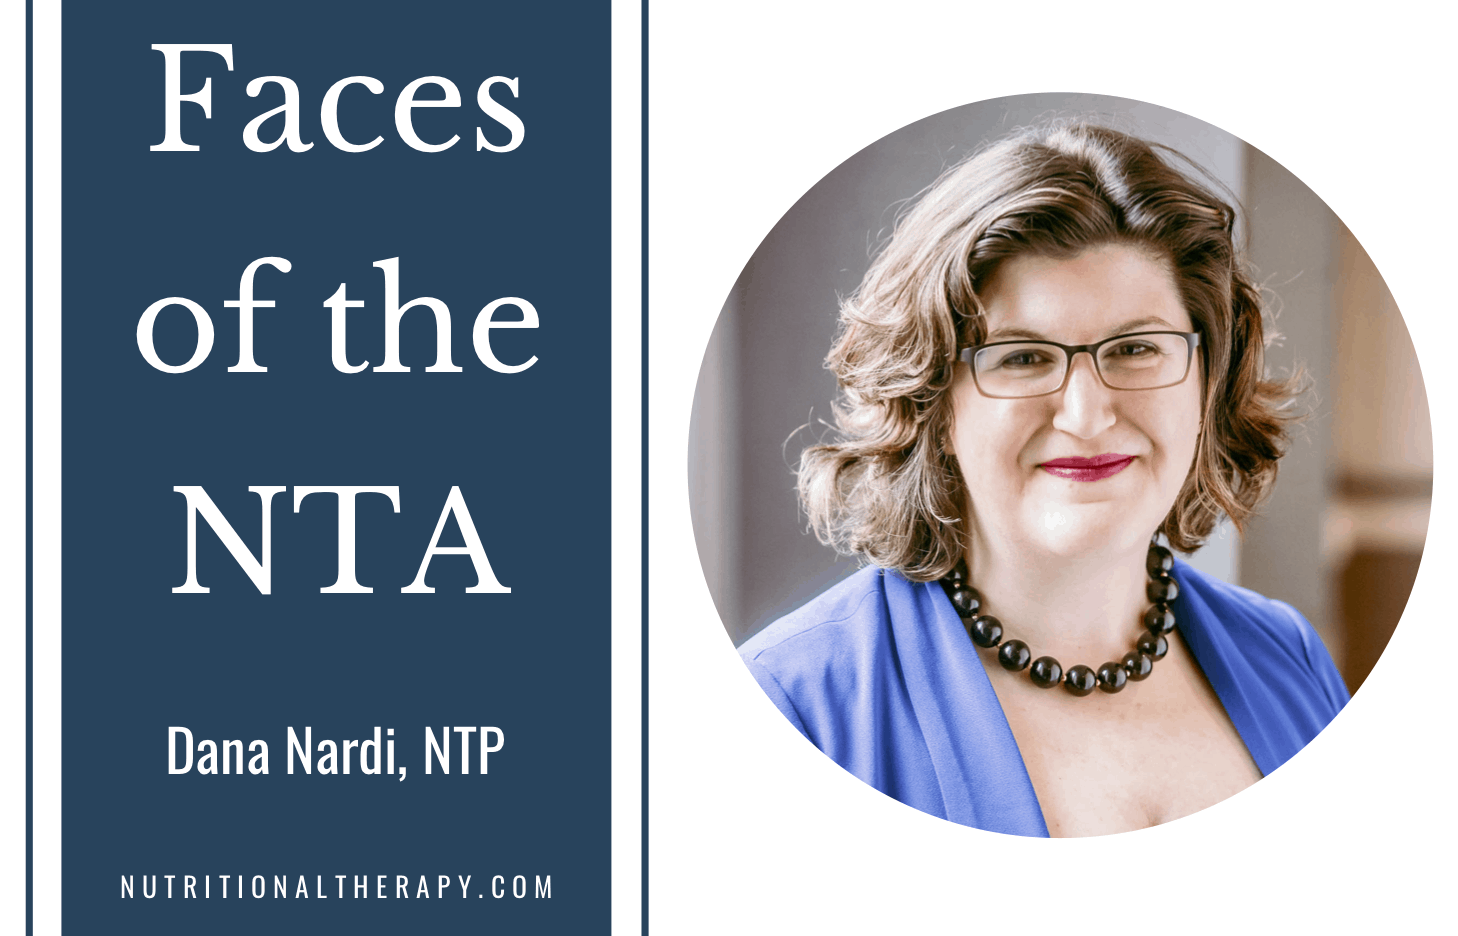 Faces Of The NTA Meet Dana Nardi